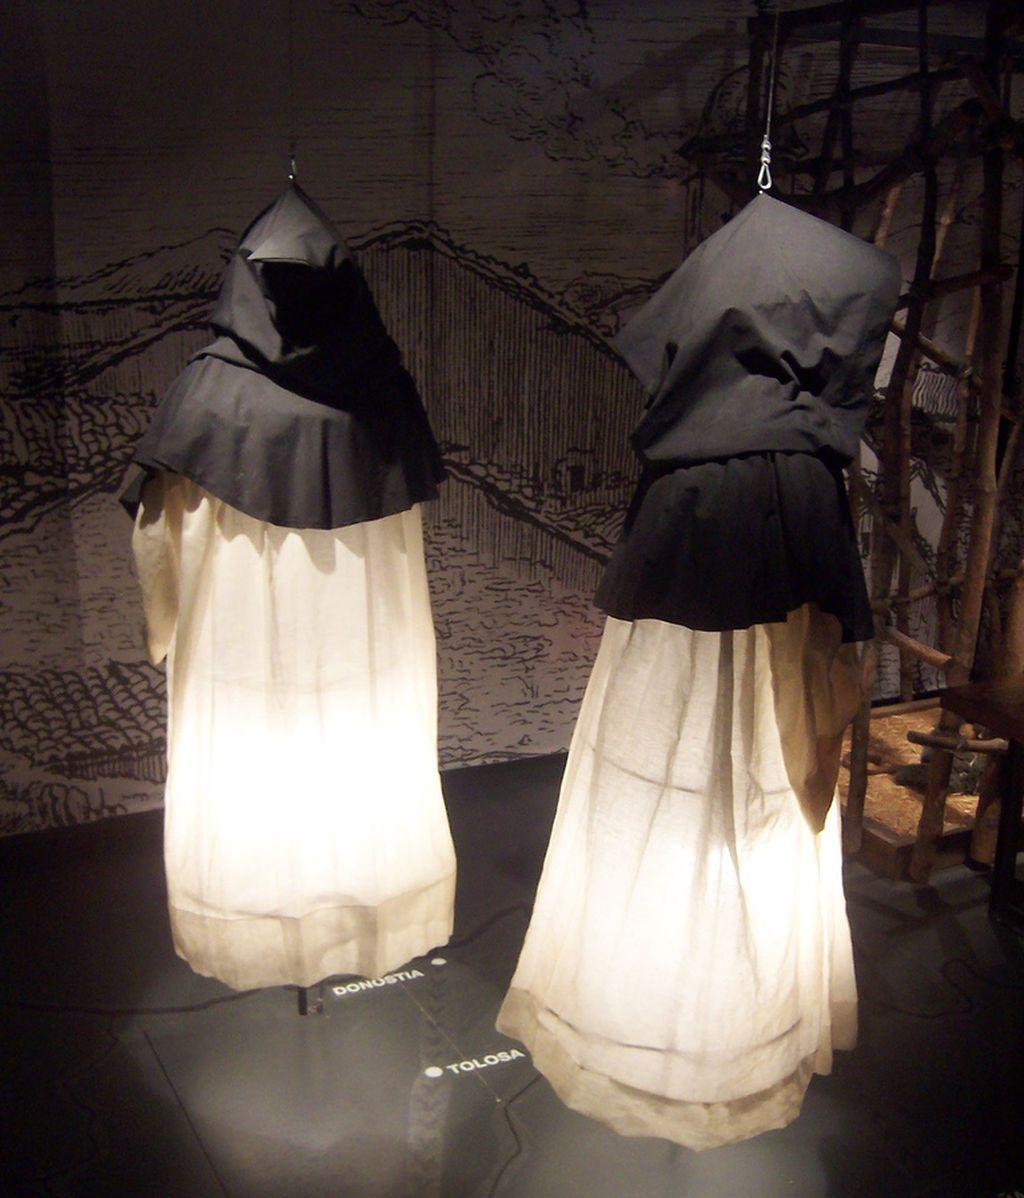 Museo brujas de Zugarramundi